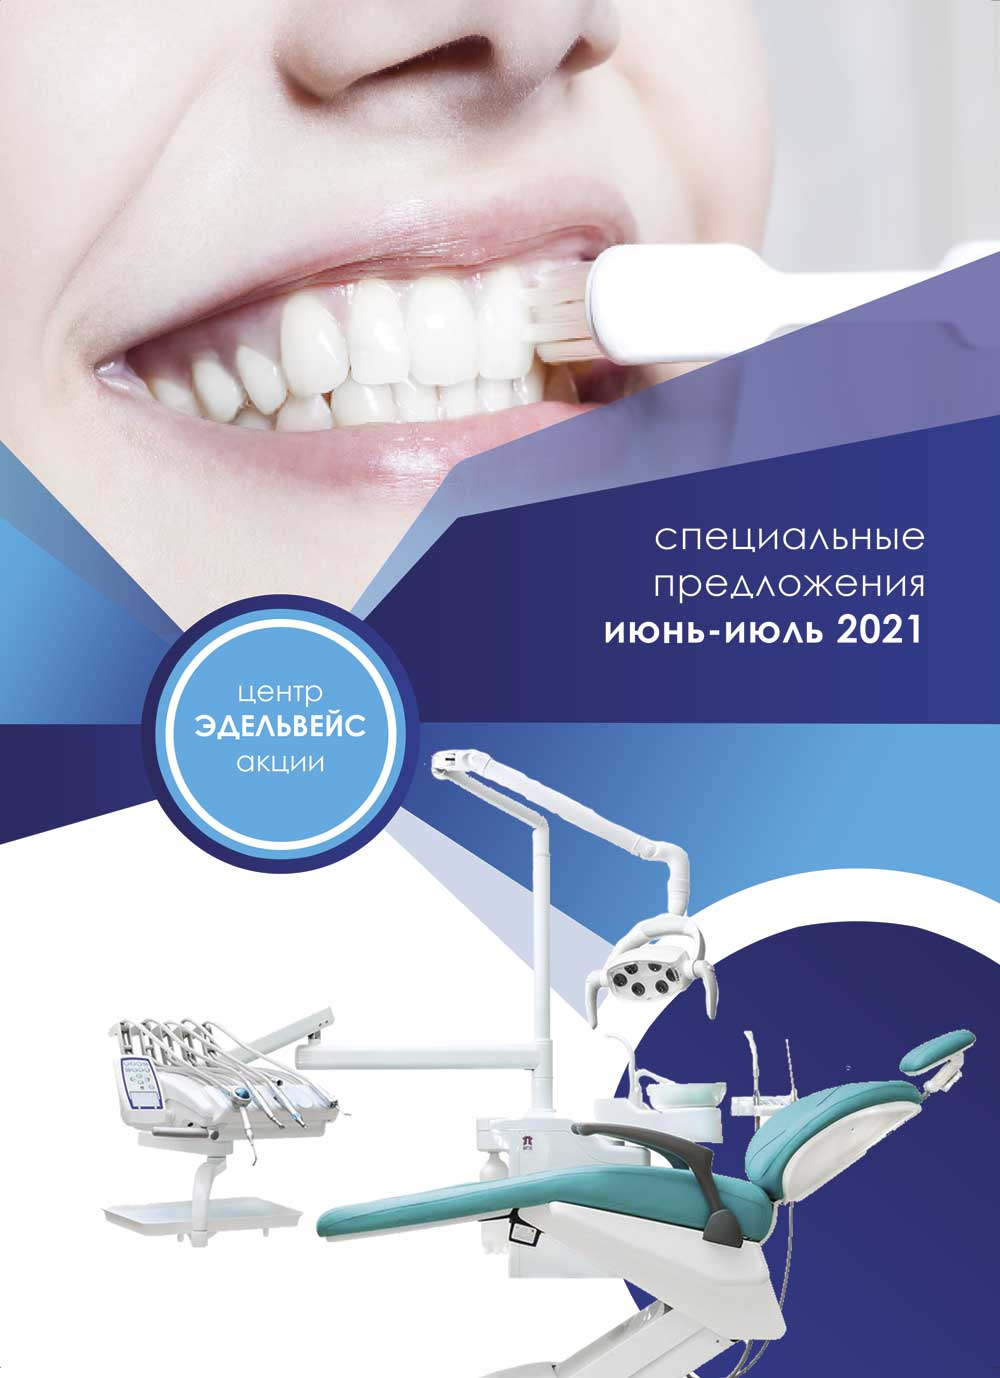 акции на стоматологию июнь-июль 2021